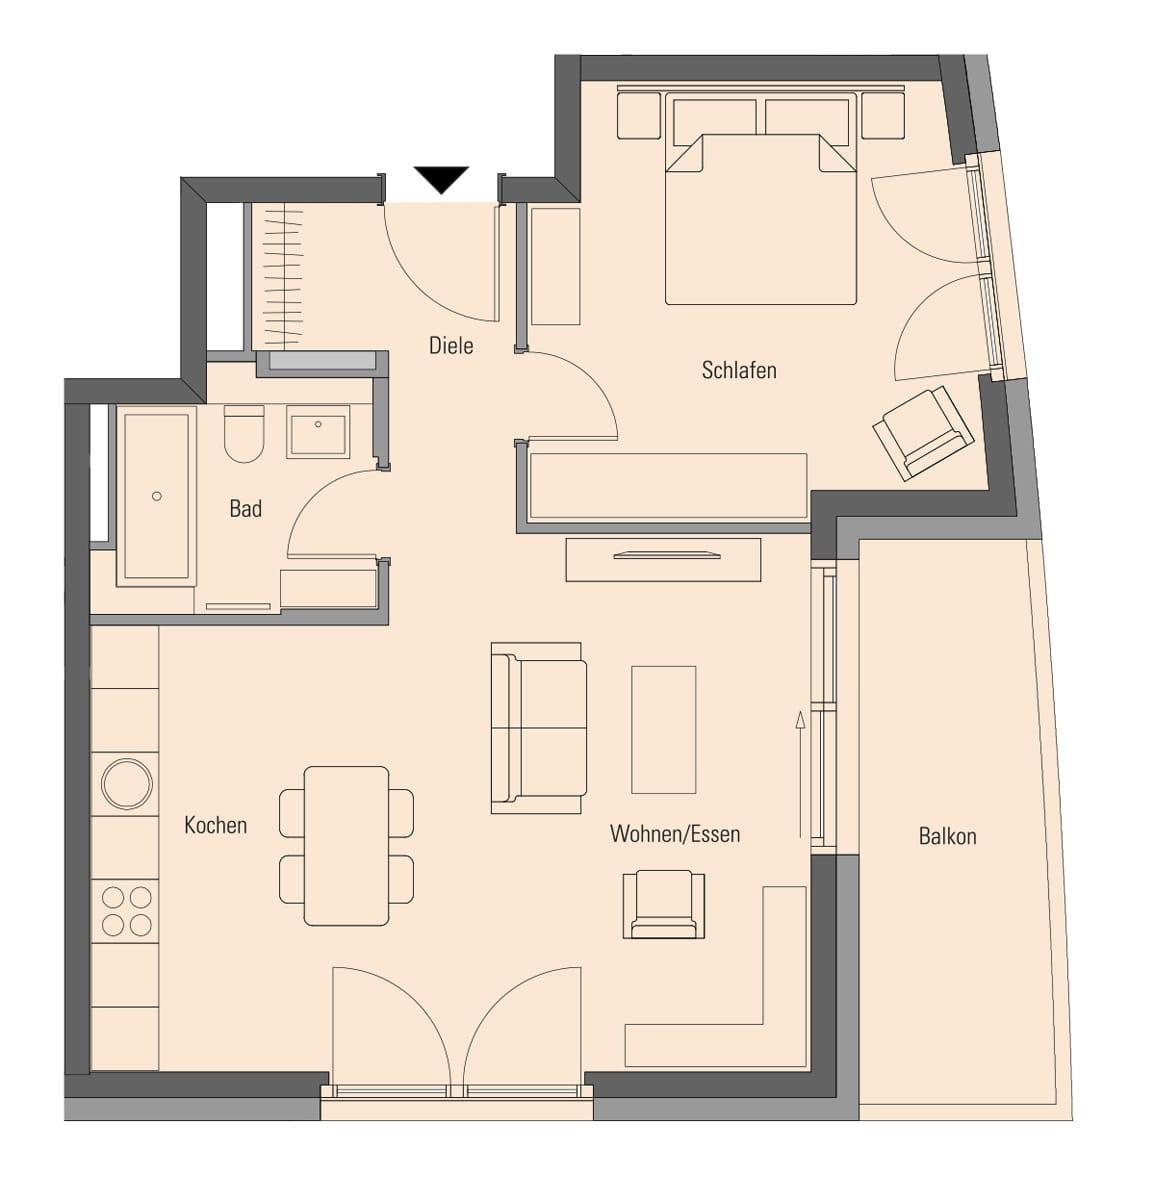 Apartment 2.1.4, 2 Rooms, 64.6 m²